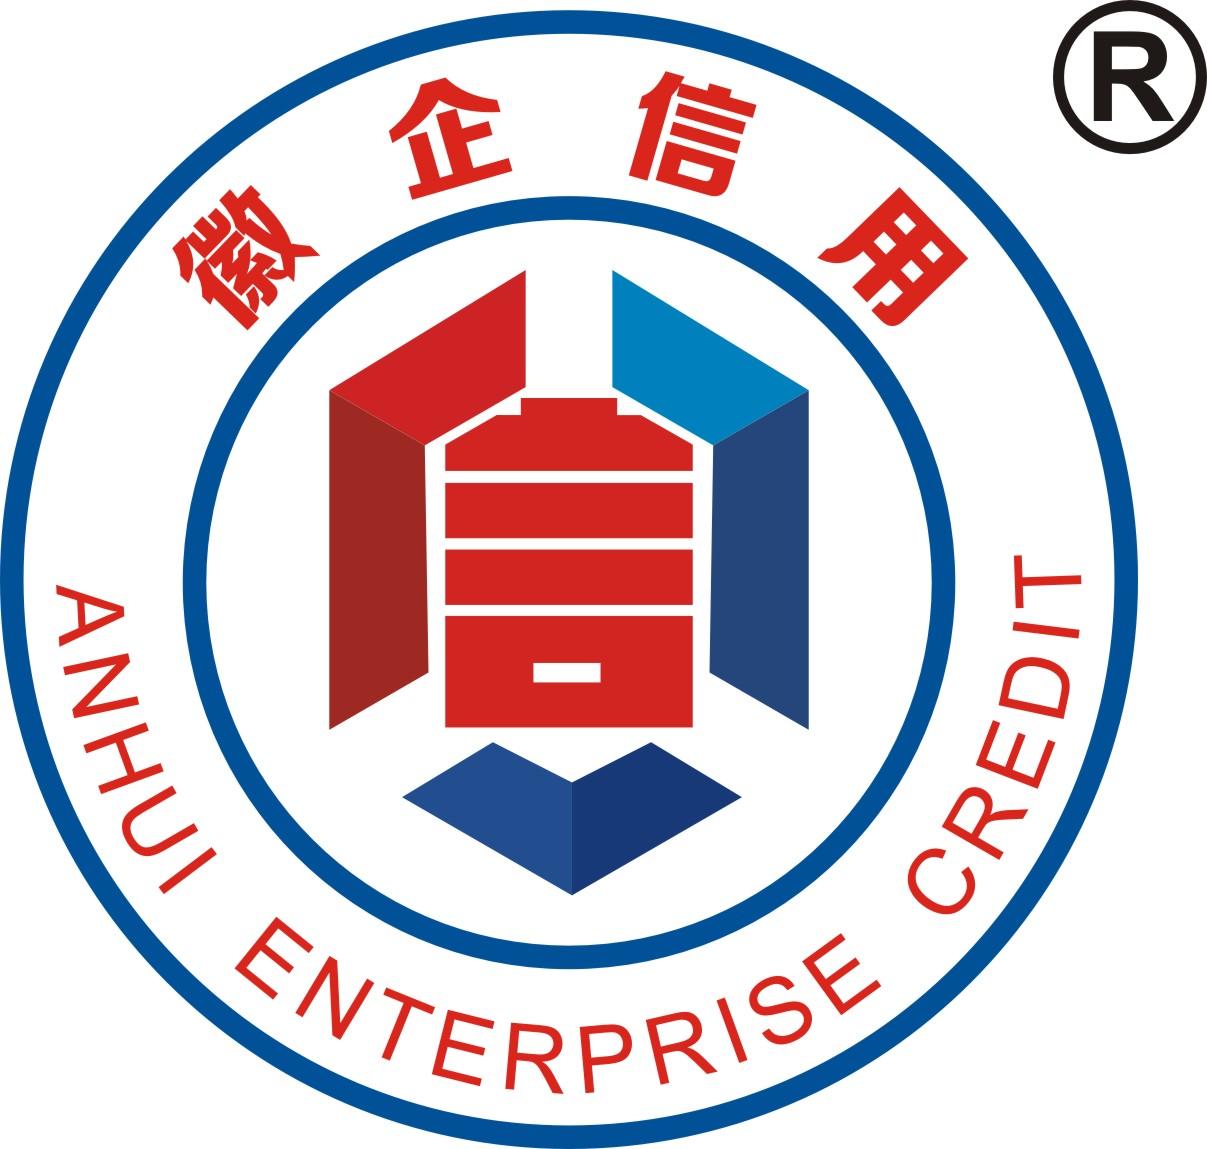 AAA级重合同守信用企业评价认定